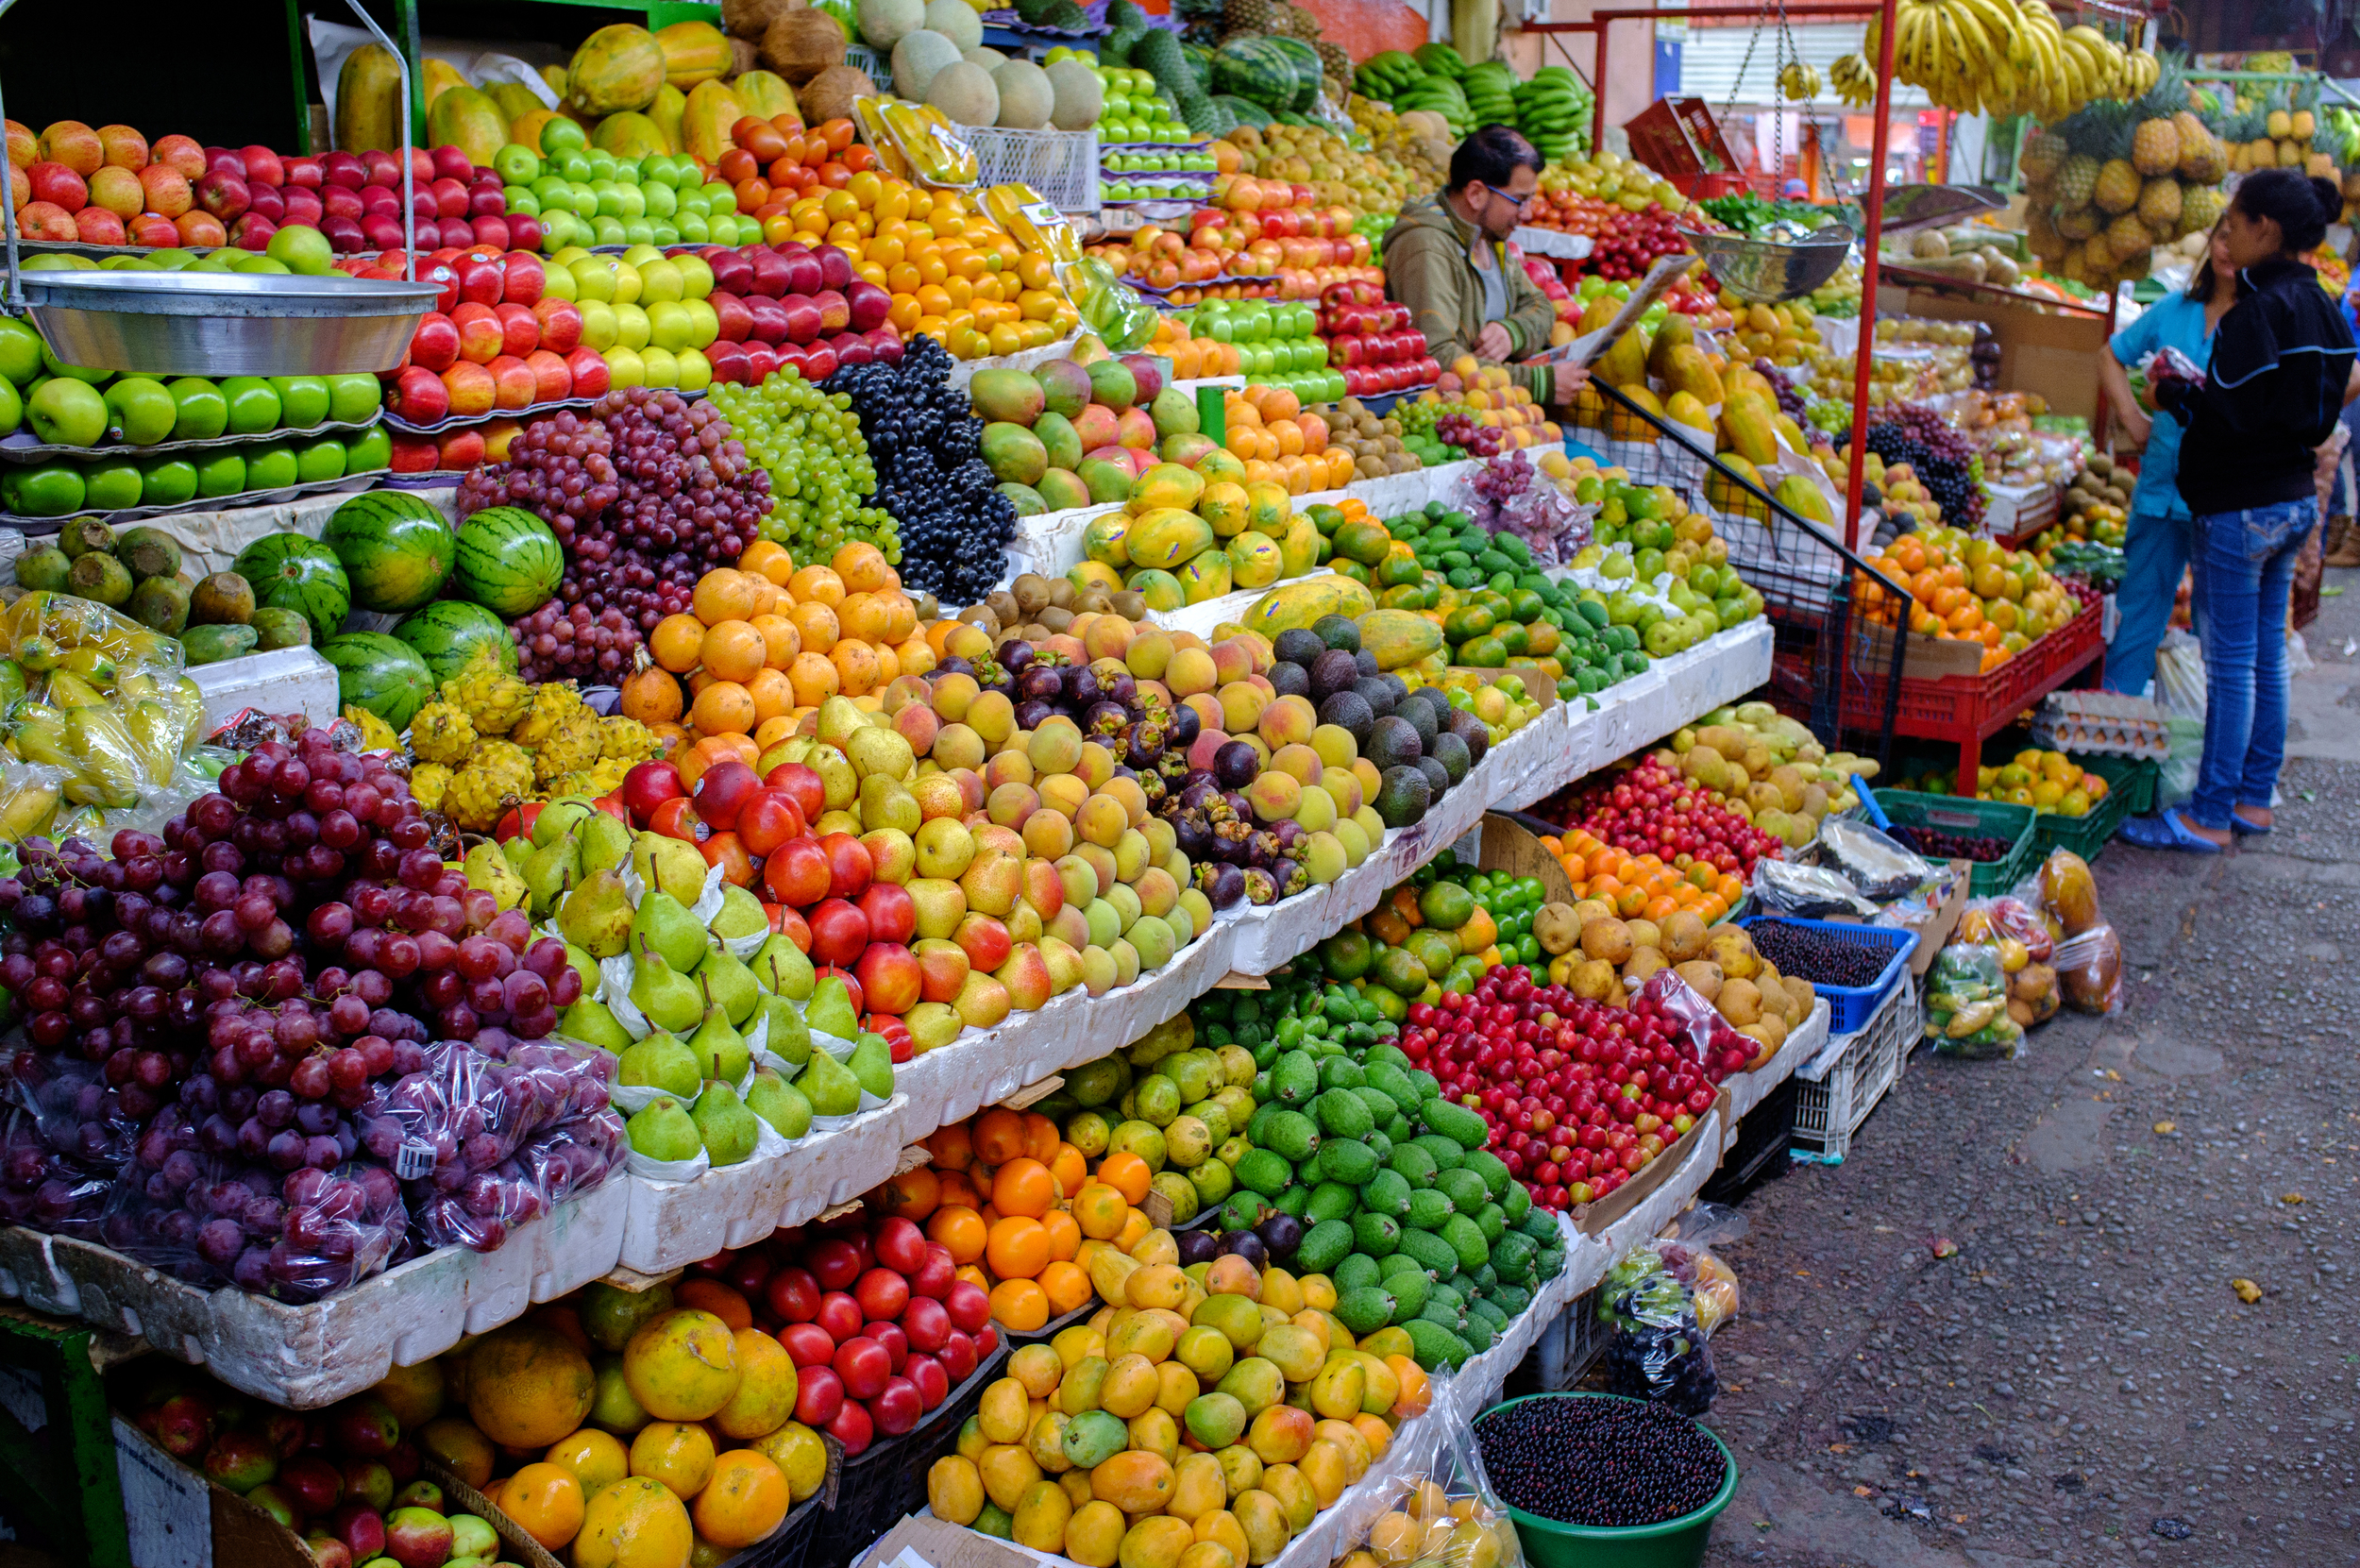 Fruits atMercado de Paloquemao